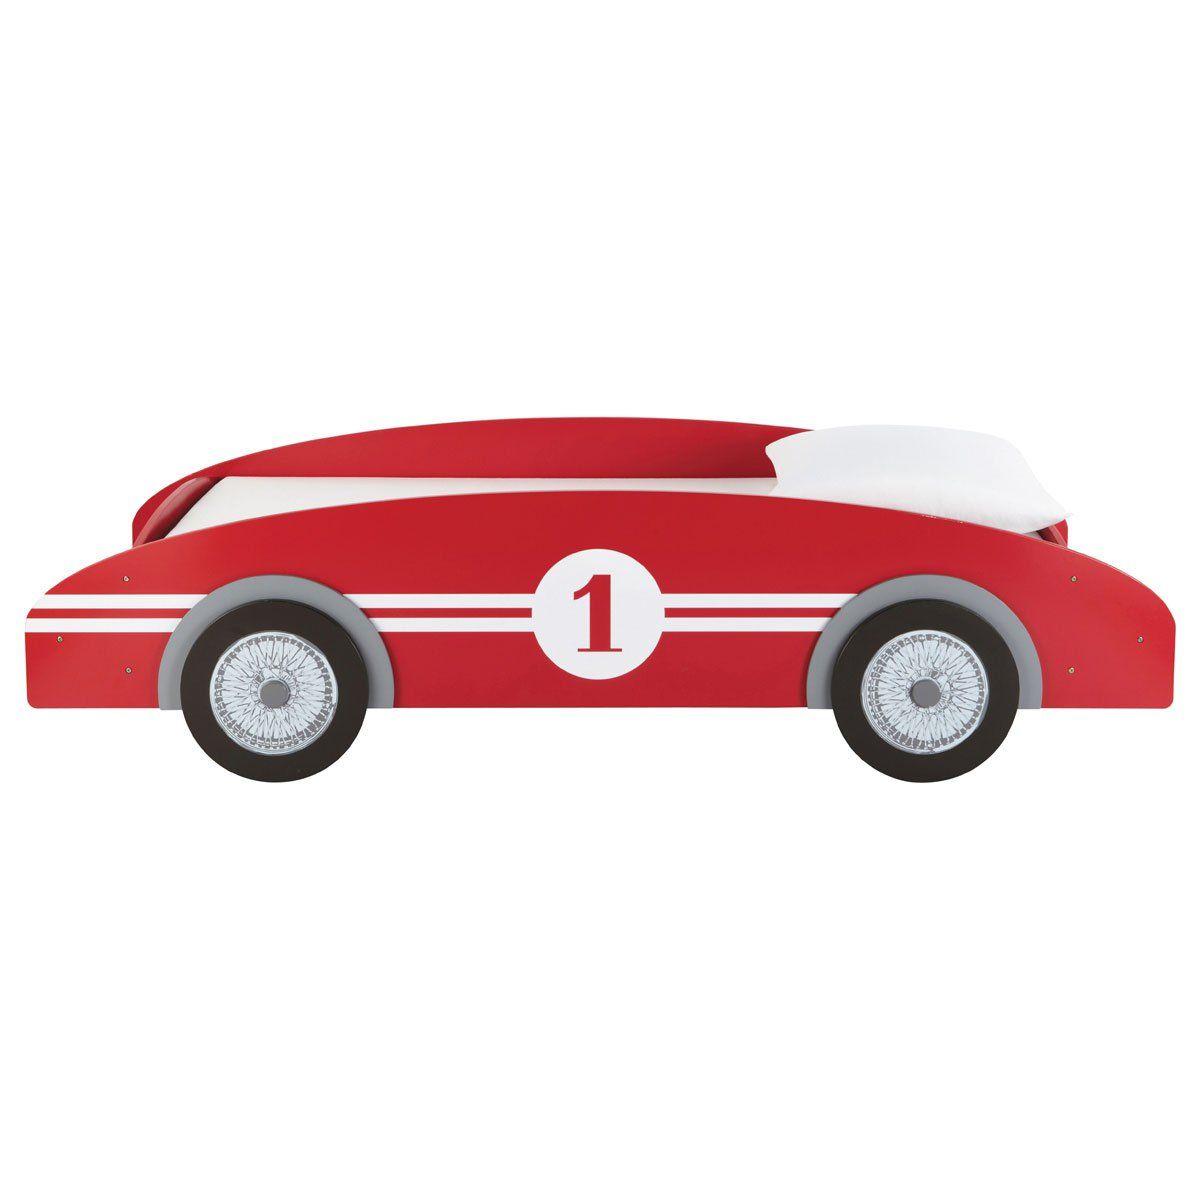 Letto A Forma Di Auto.Letto A Macchinina Rosso In Legno Per Bambini 90x190 Cm Car Bed